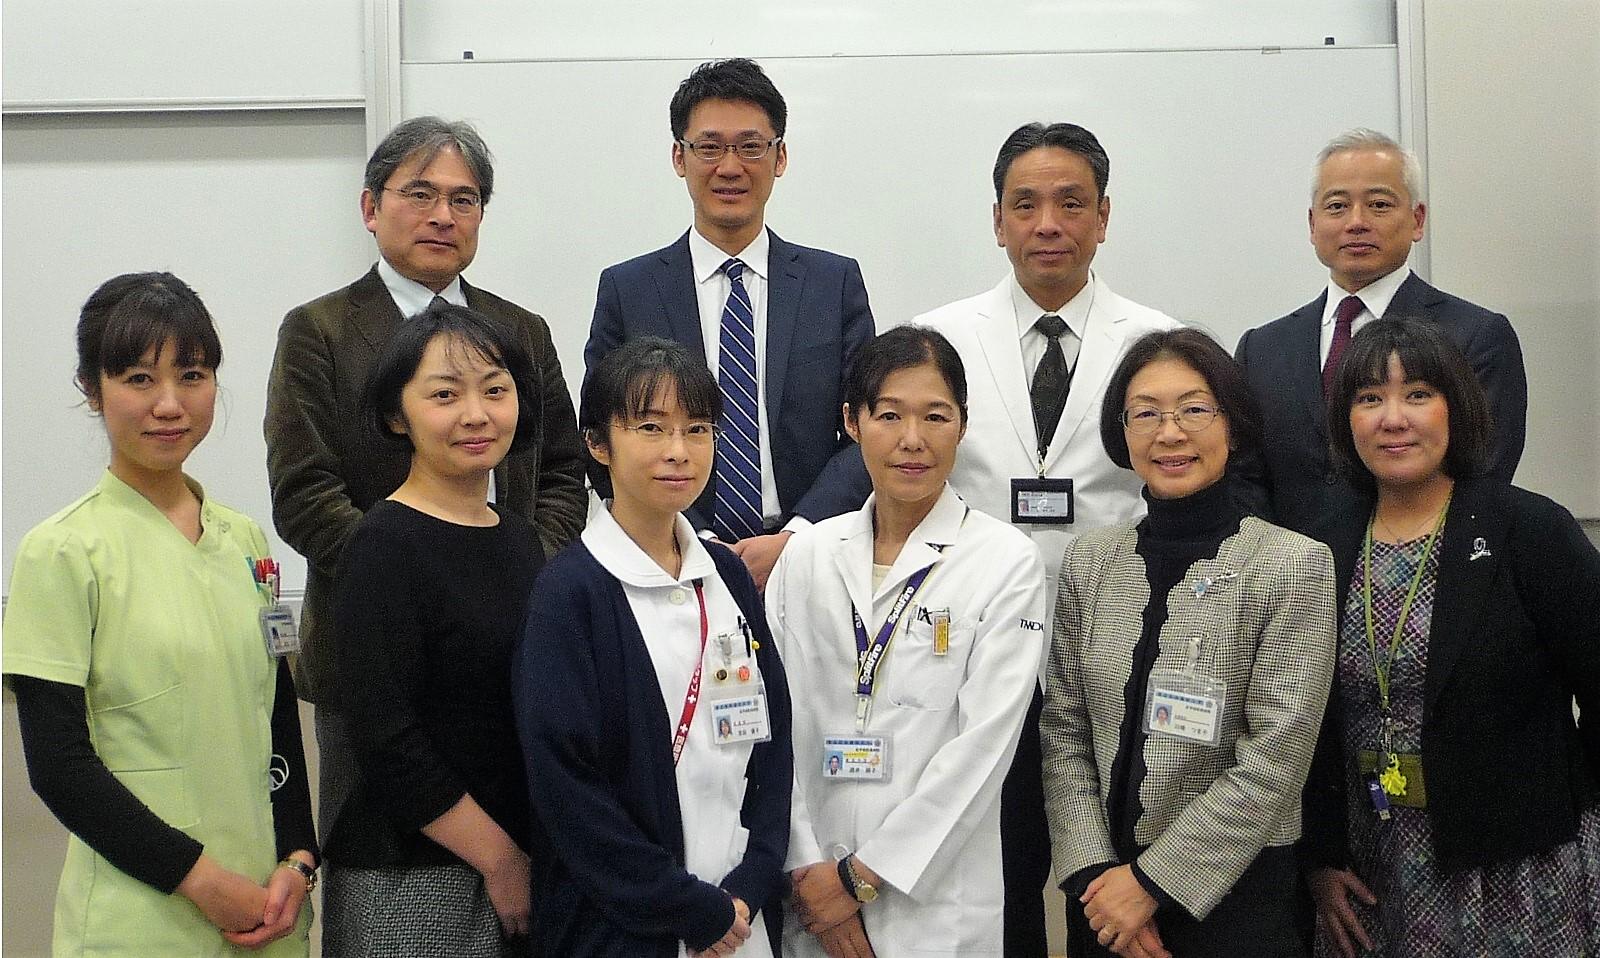 大学 歯科 東京 病院 医科